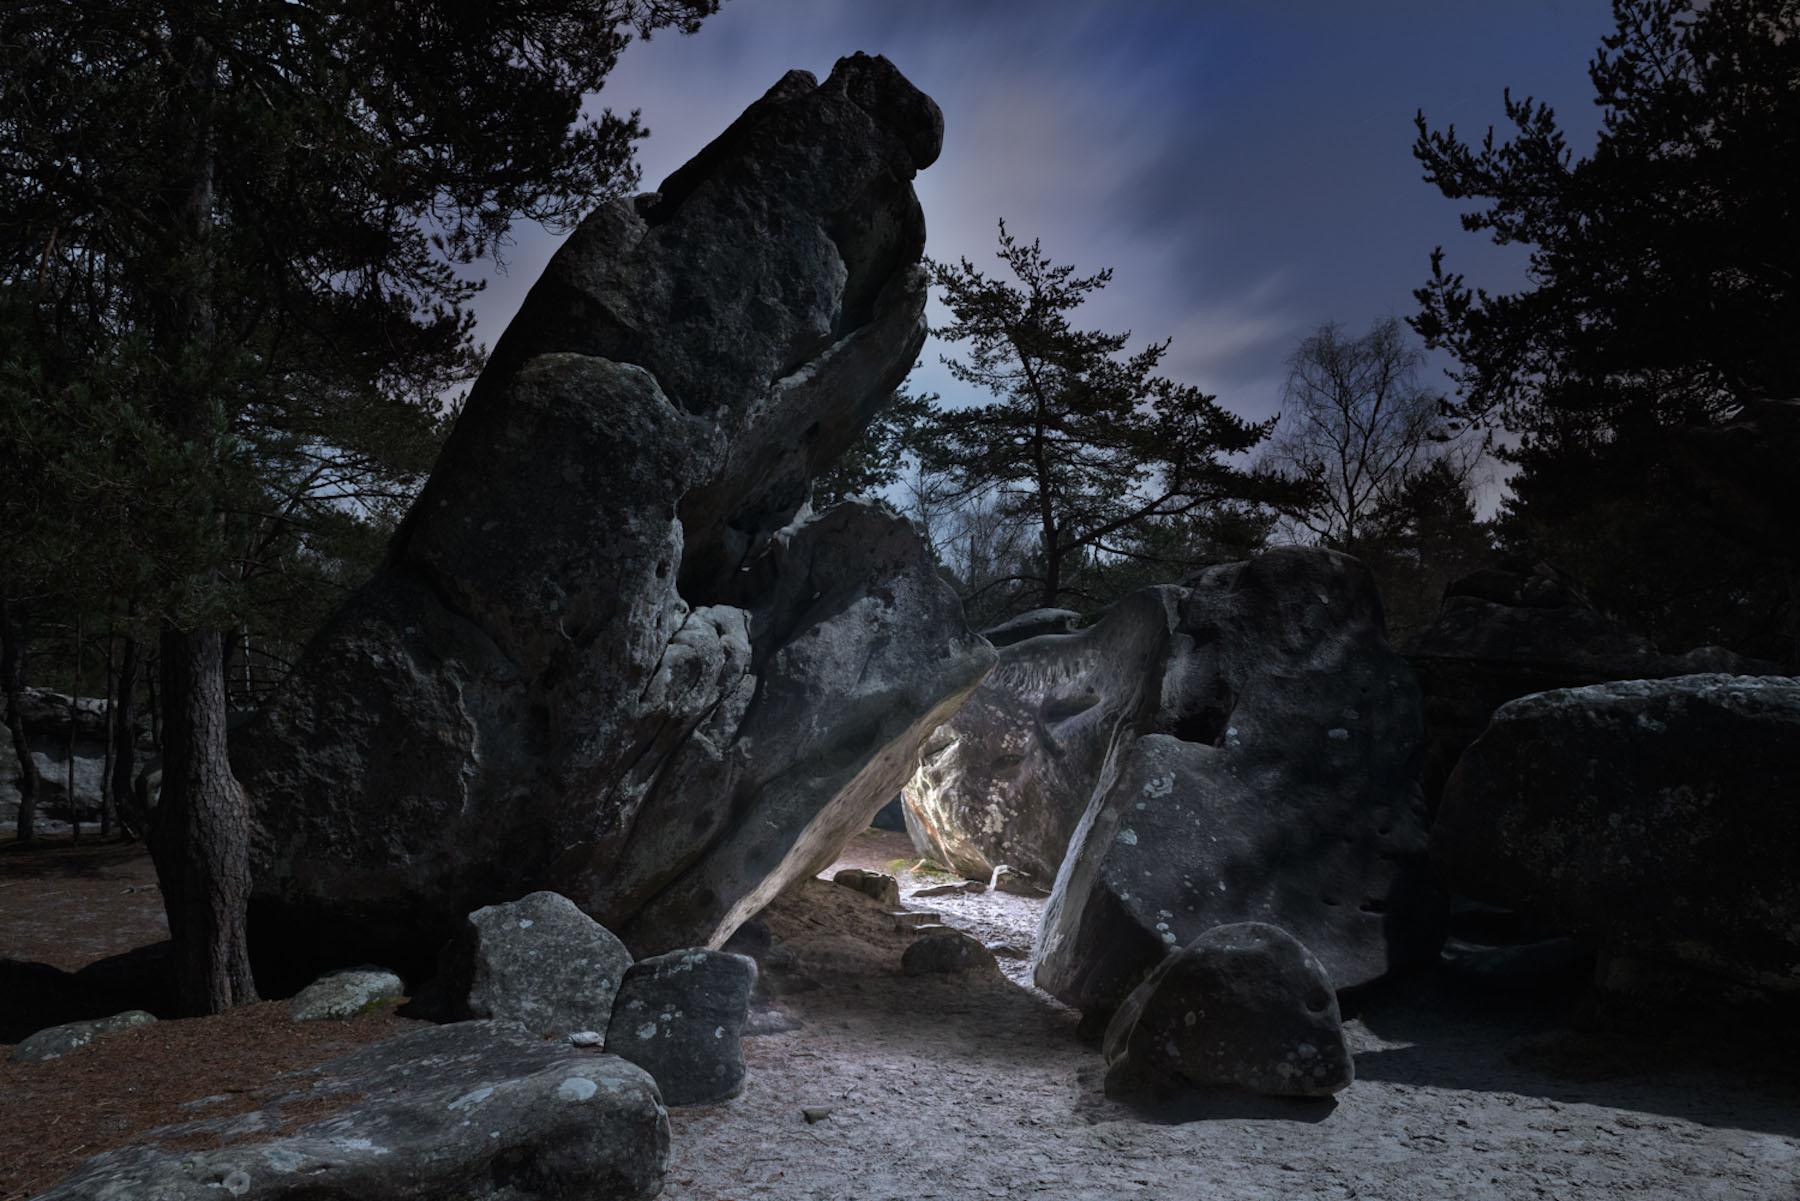 iGNANT-Photography-Alexis-Pichot-Marche-Celeste-03